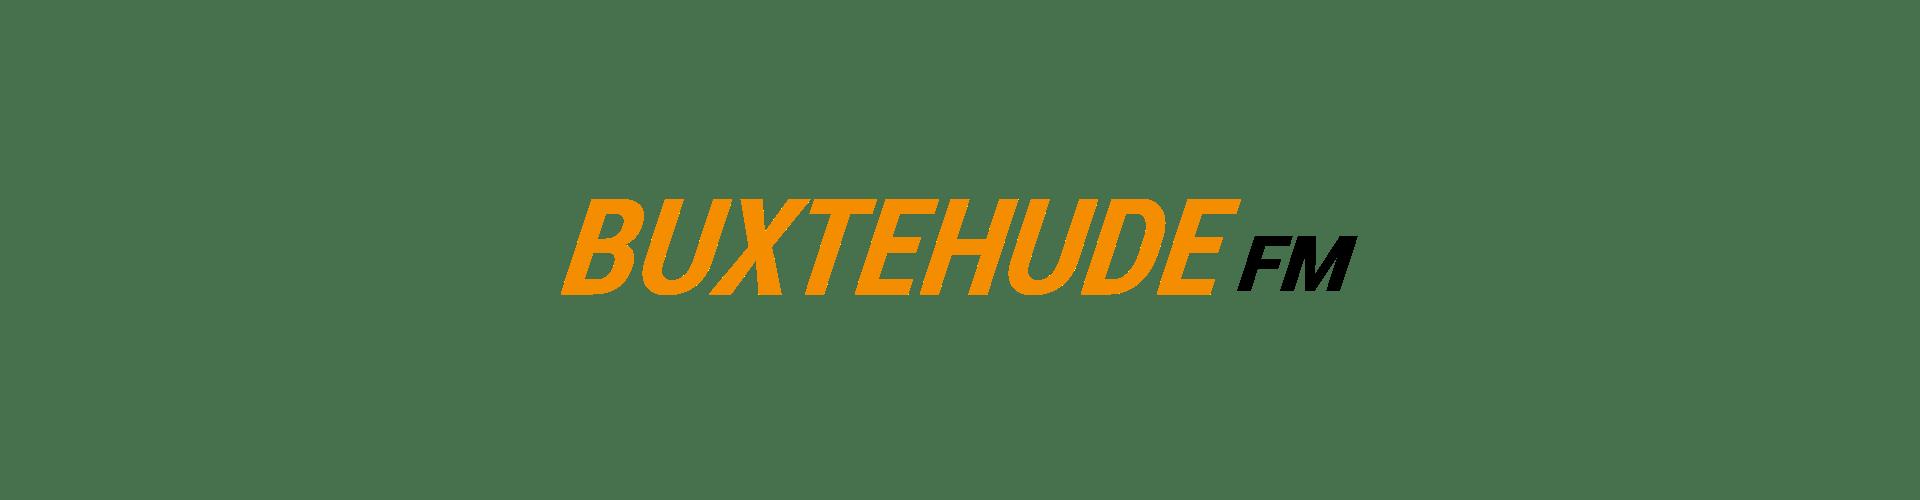 Buxtehude FM